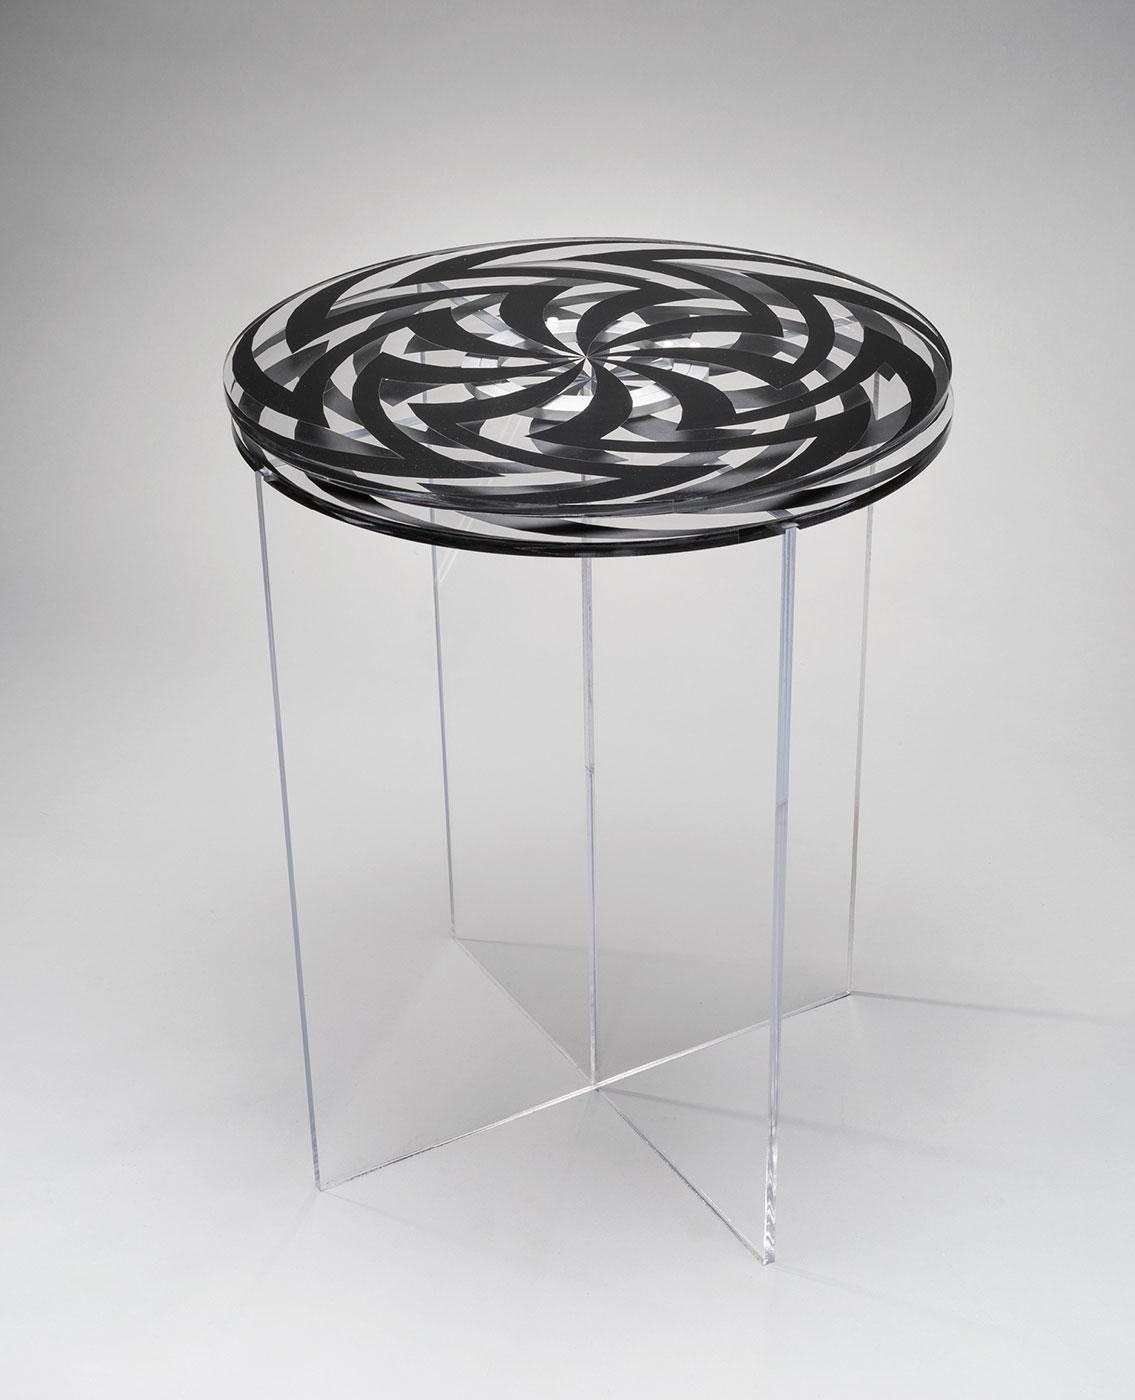 Zhiwei Yun - Optical Table